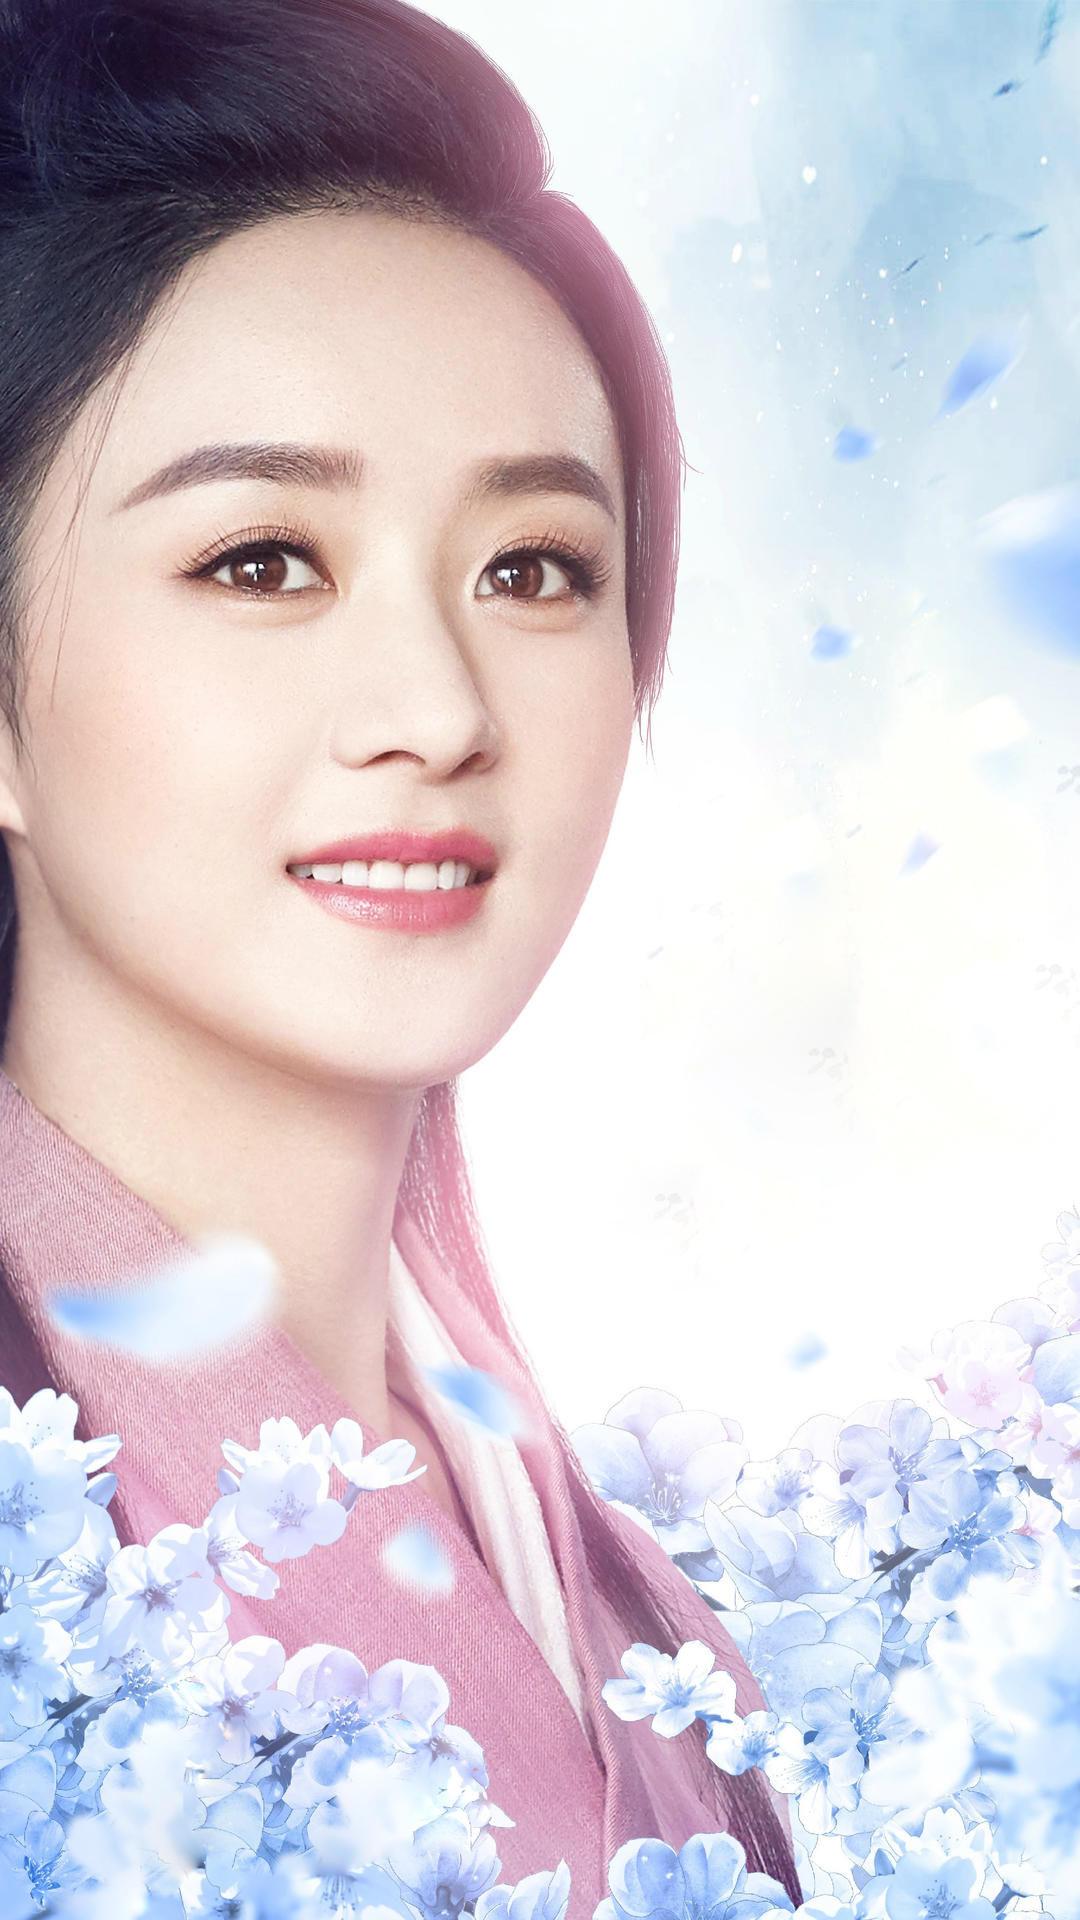 手机壁纸:赵丽颖,纯唯美,真人品,假想30年后的她|专辑